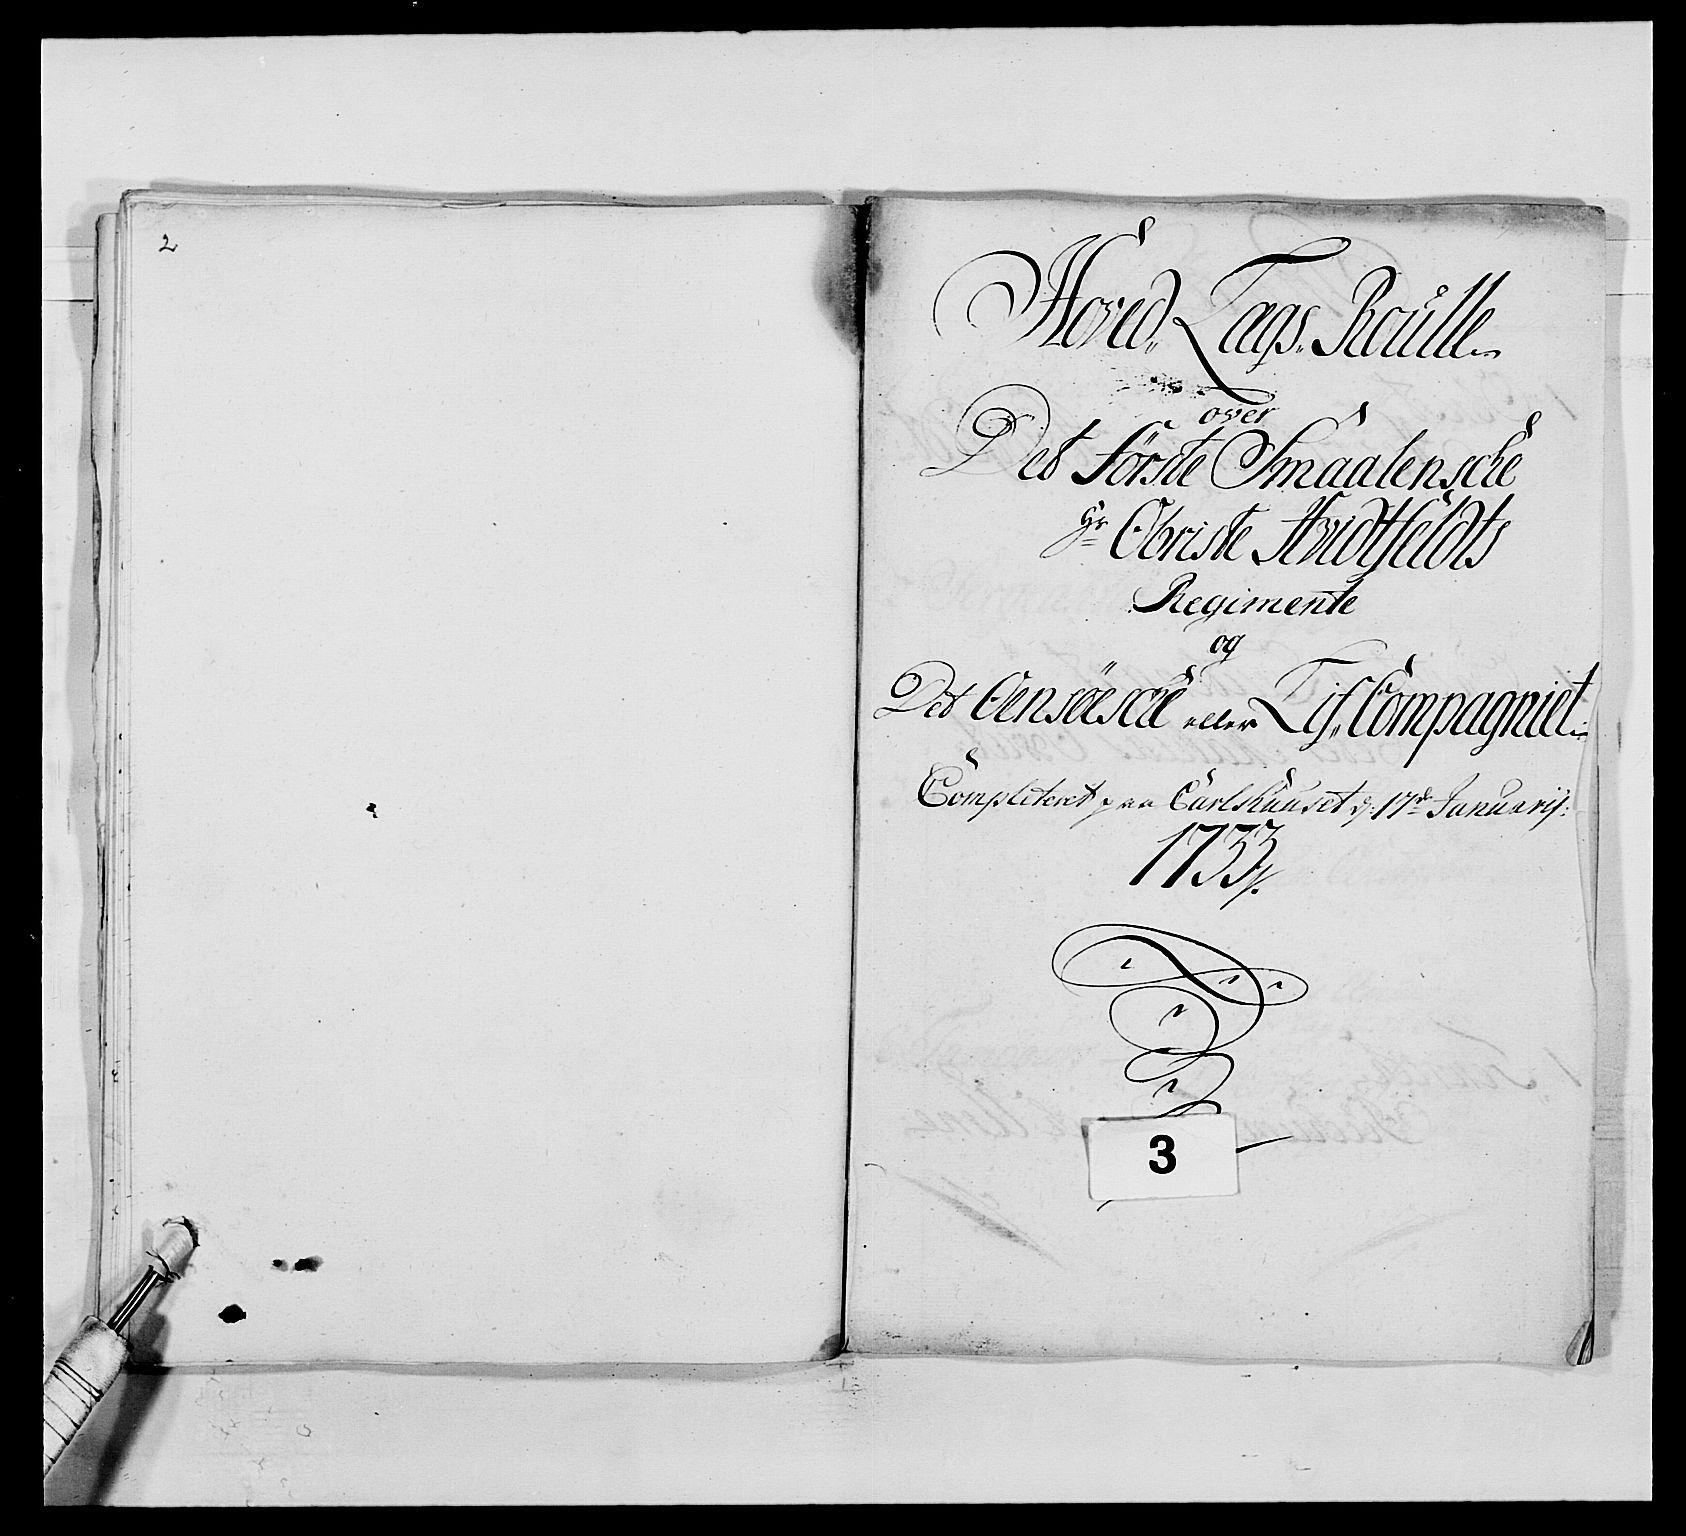 RA, Kommanderende general (KG I) med Det norske krigsdirektorium, E/Ea/L0495: 1. Smålenske regiment, 1732-1763, s. 33